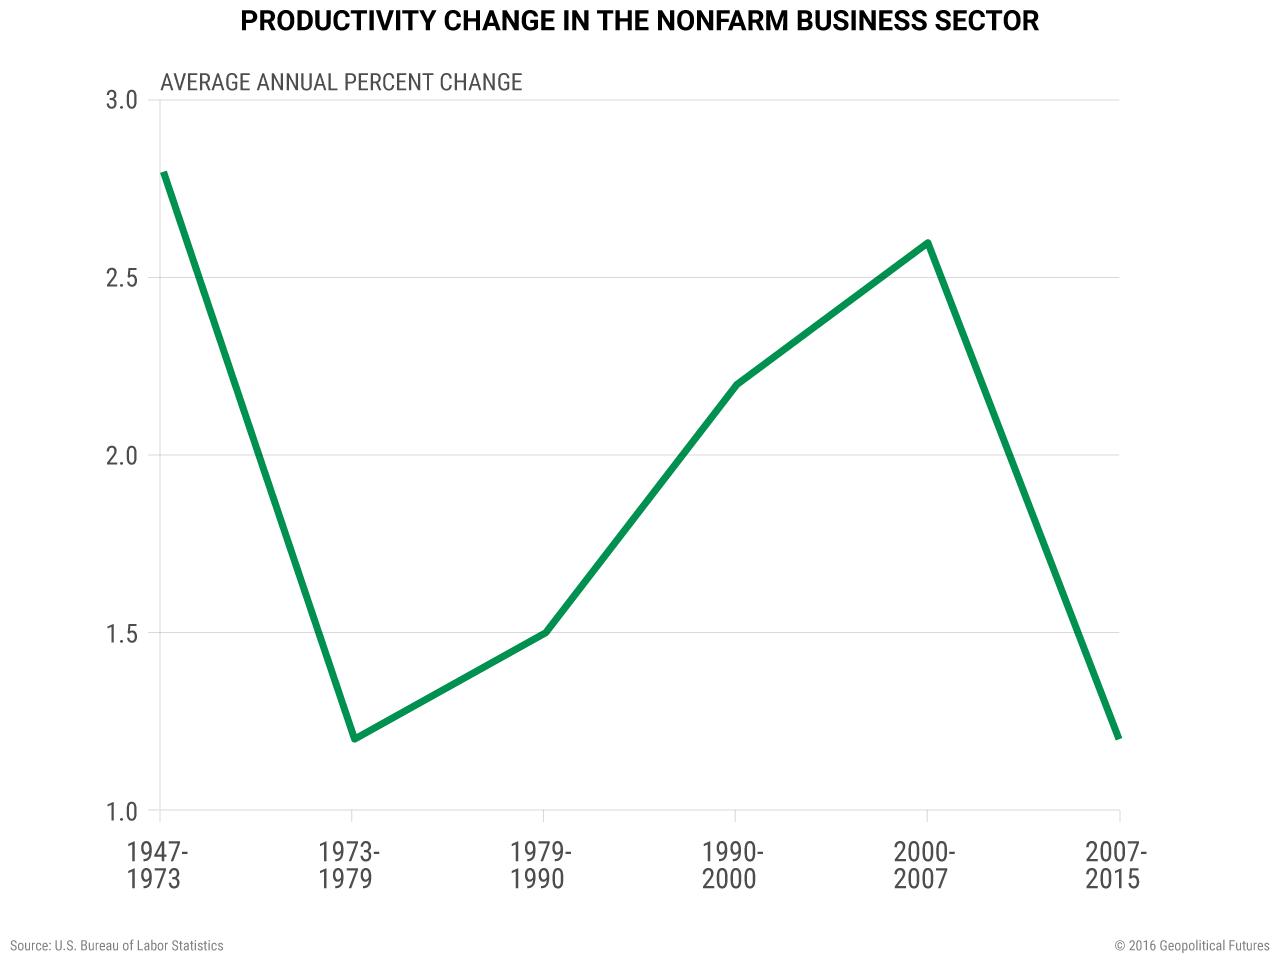 productivity-change-nonfarm-business-sector